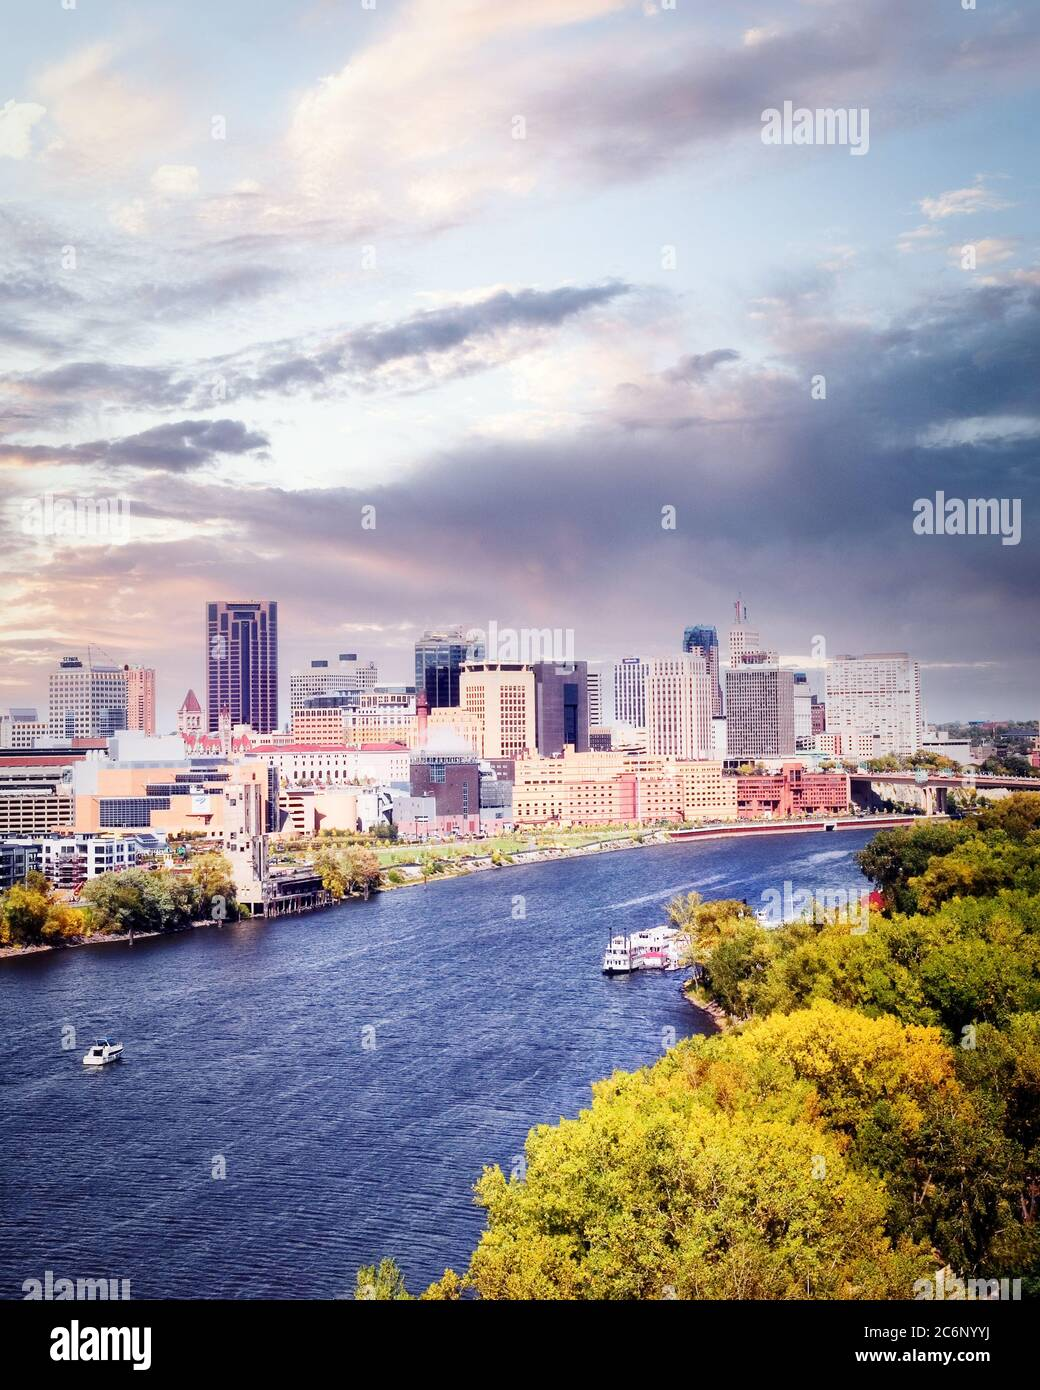 Saint Paul ist am Ufer des Mississippi River gebaut und ist die Hauptstadt von Minnesota. Stockfoto